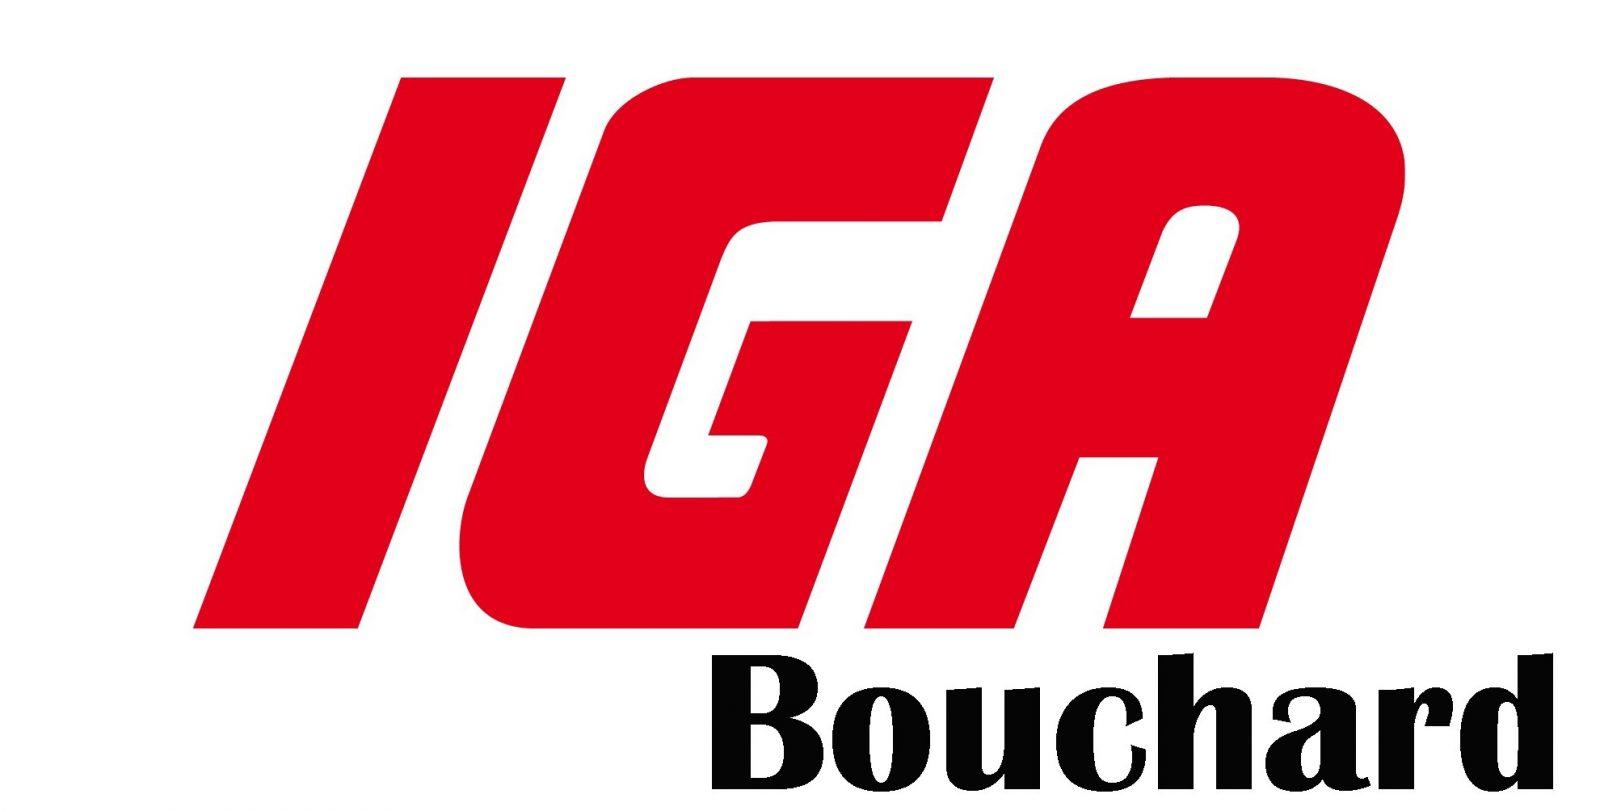 IGA Bouchard